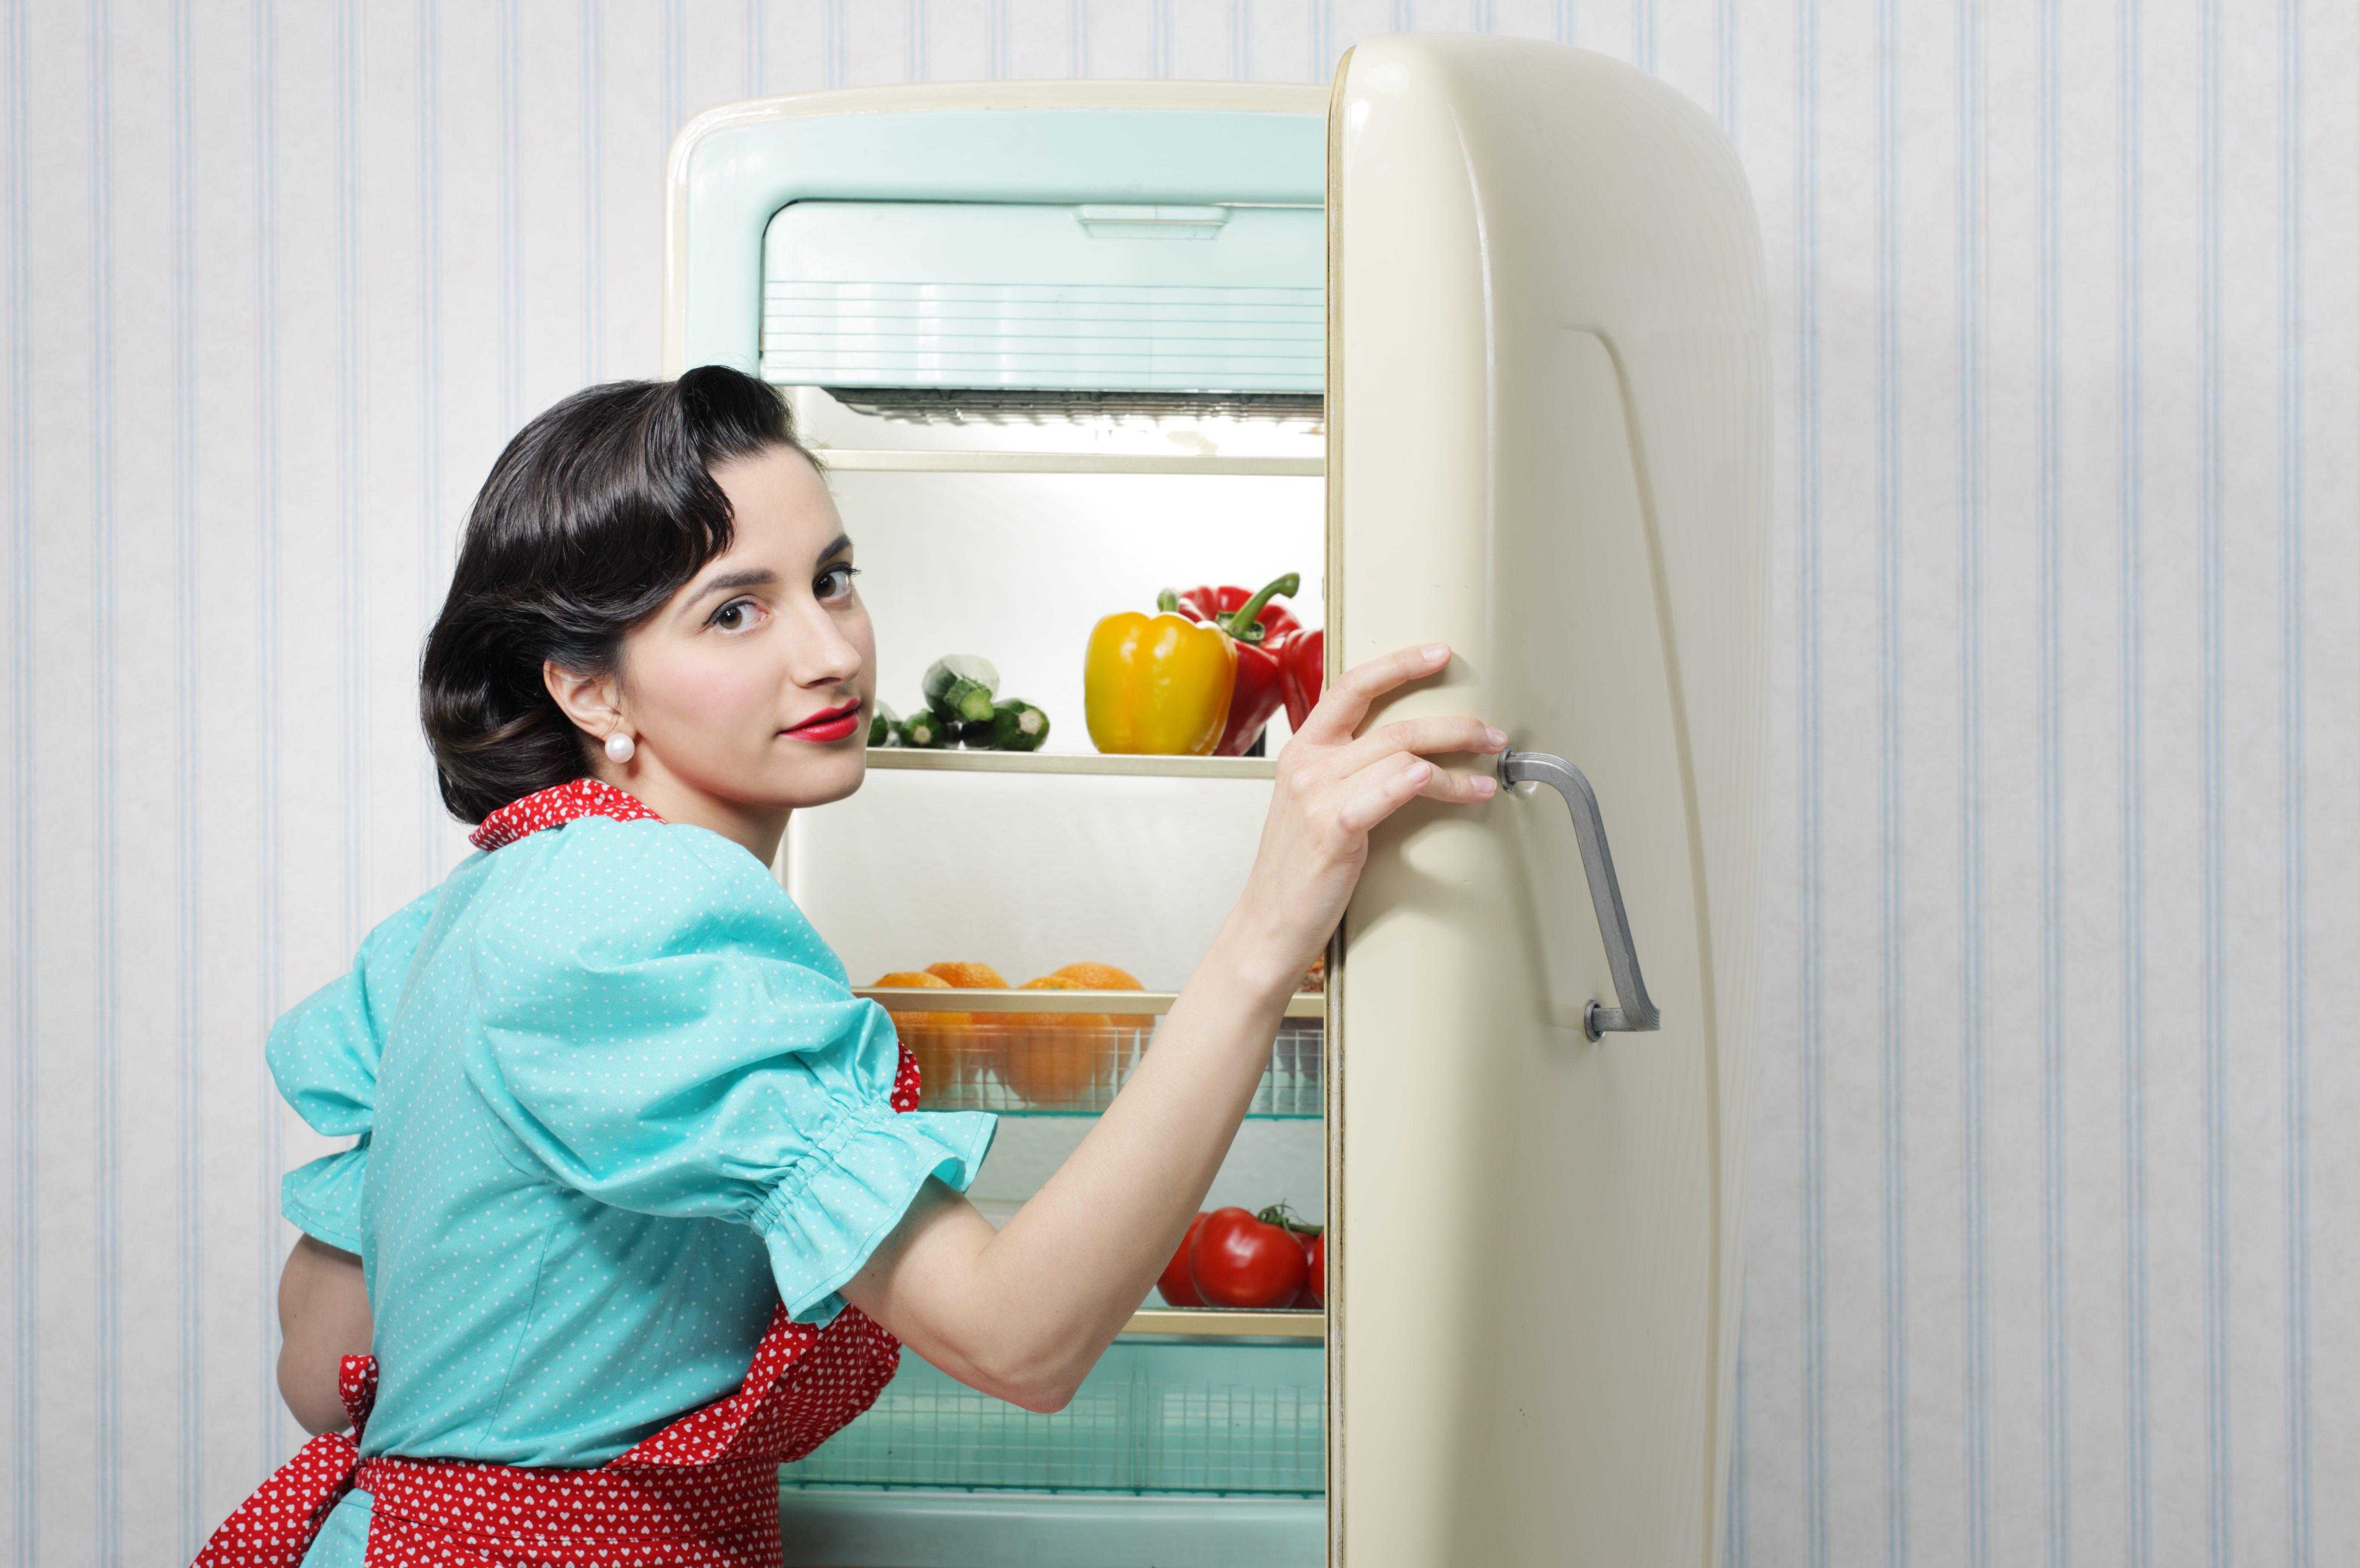 Frigorifero, cookies e birra: le invenzioni in cucina delle donne